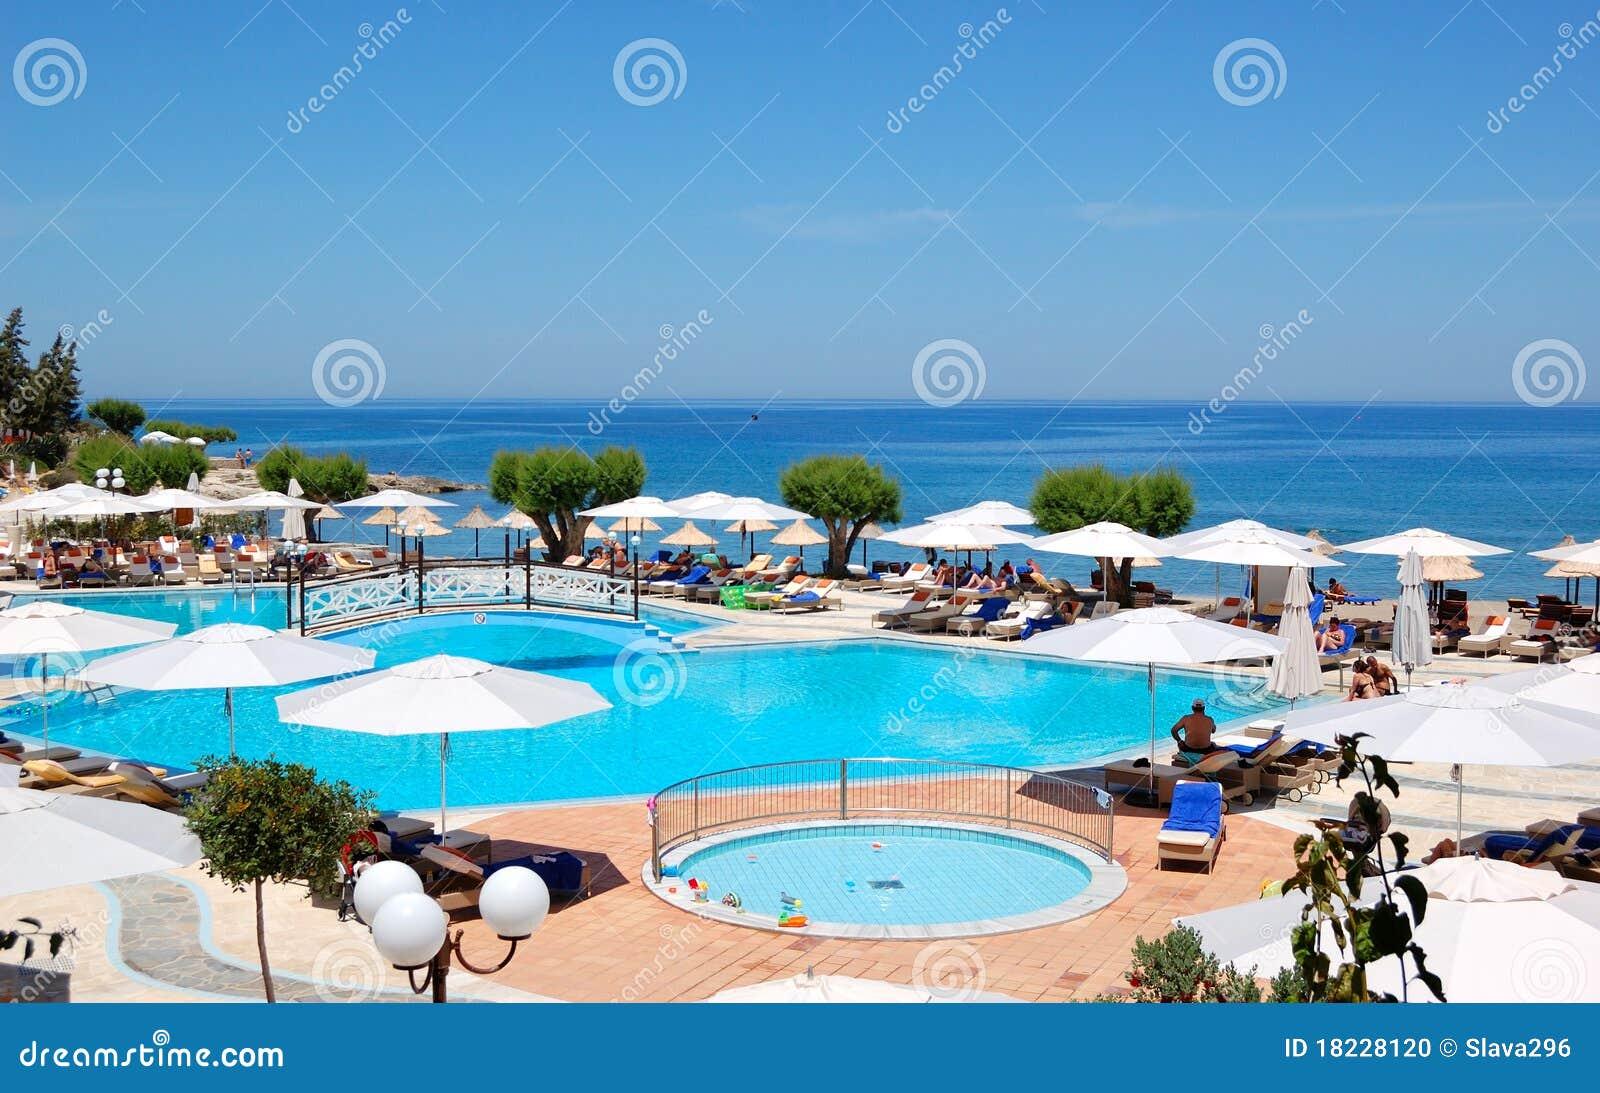 Piscina y playa del hotel de maris de la tierra imagen for Piscina playa precio